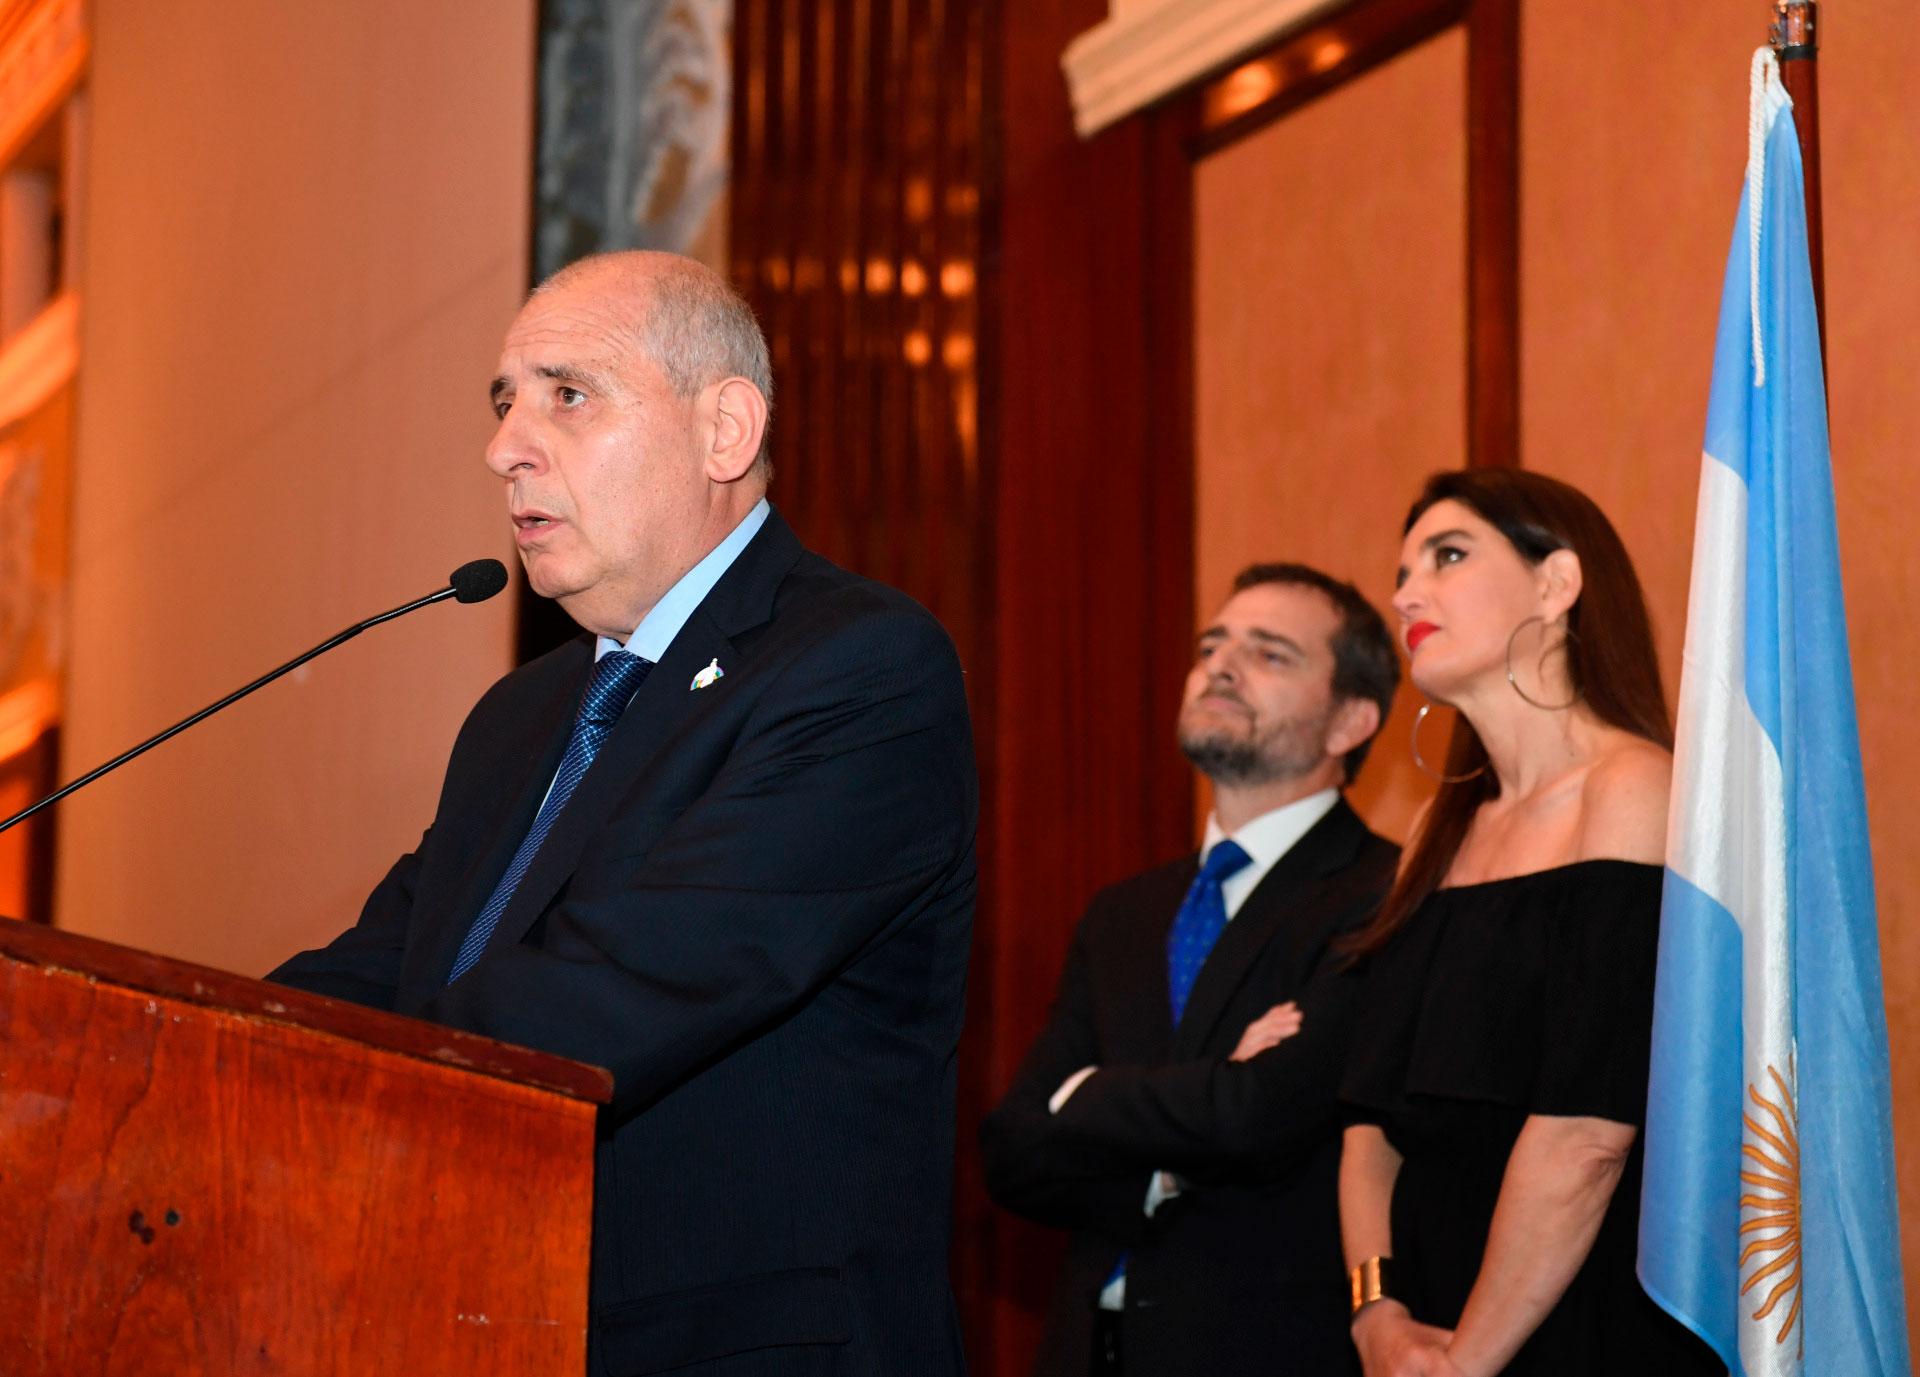 Marco Gallo, director de la Comunidad Sant'Egidio